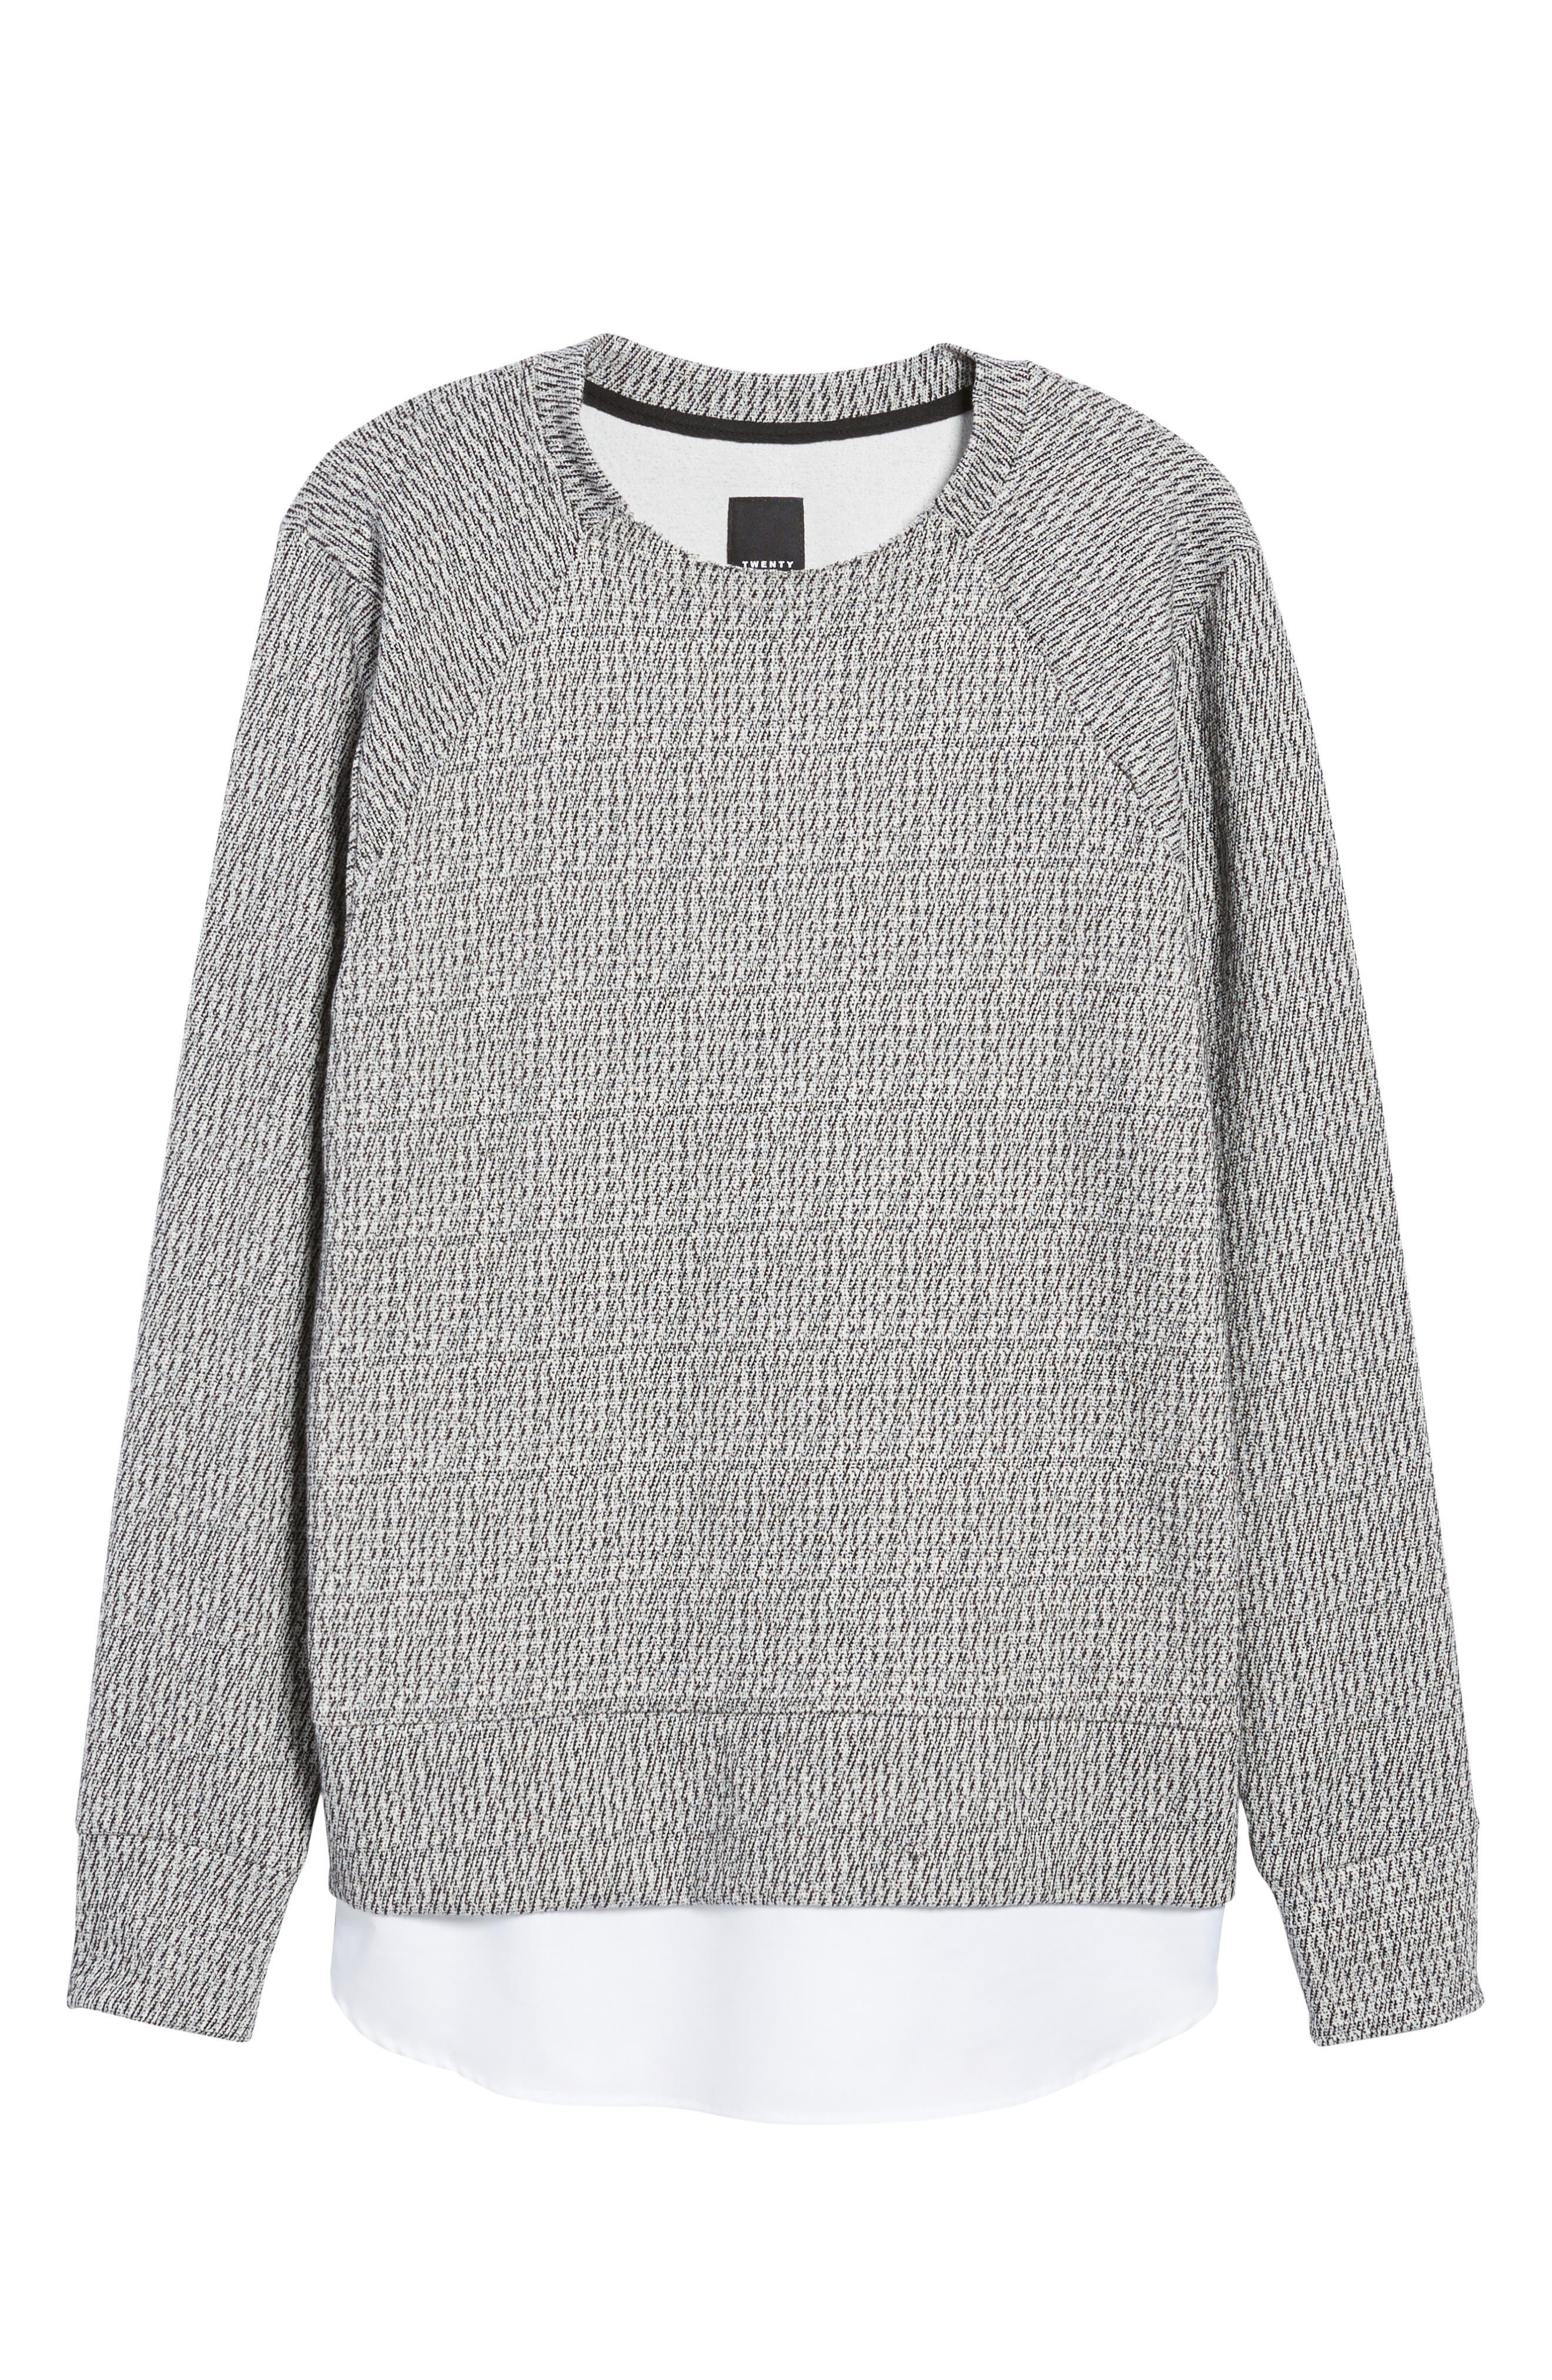 Double Layer Crewneck Sweater,                             Alternate thumbnail 6, color,                             Scour